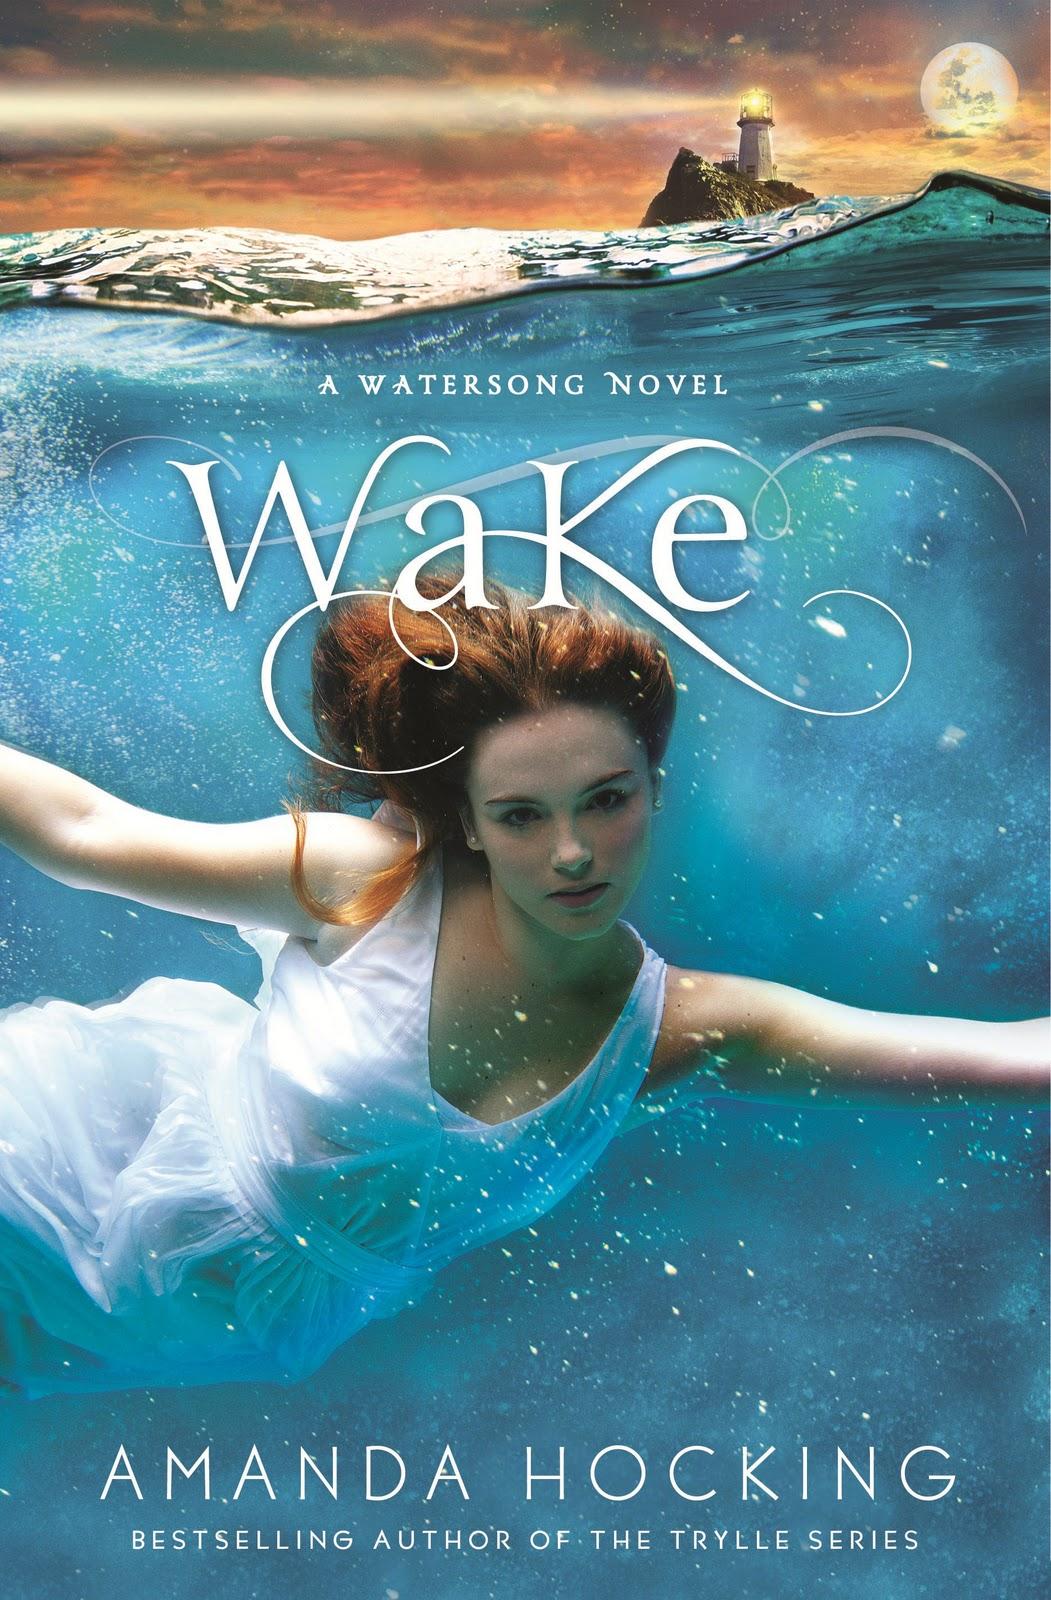 Book Cover Series Y Novelas : Reseña sirenas canción de mar amanda hocking el